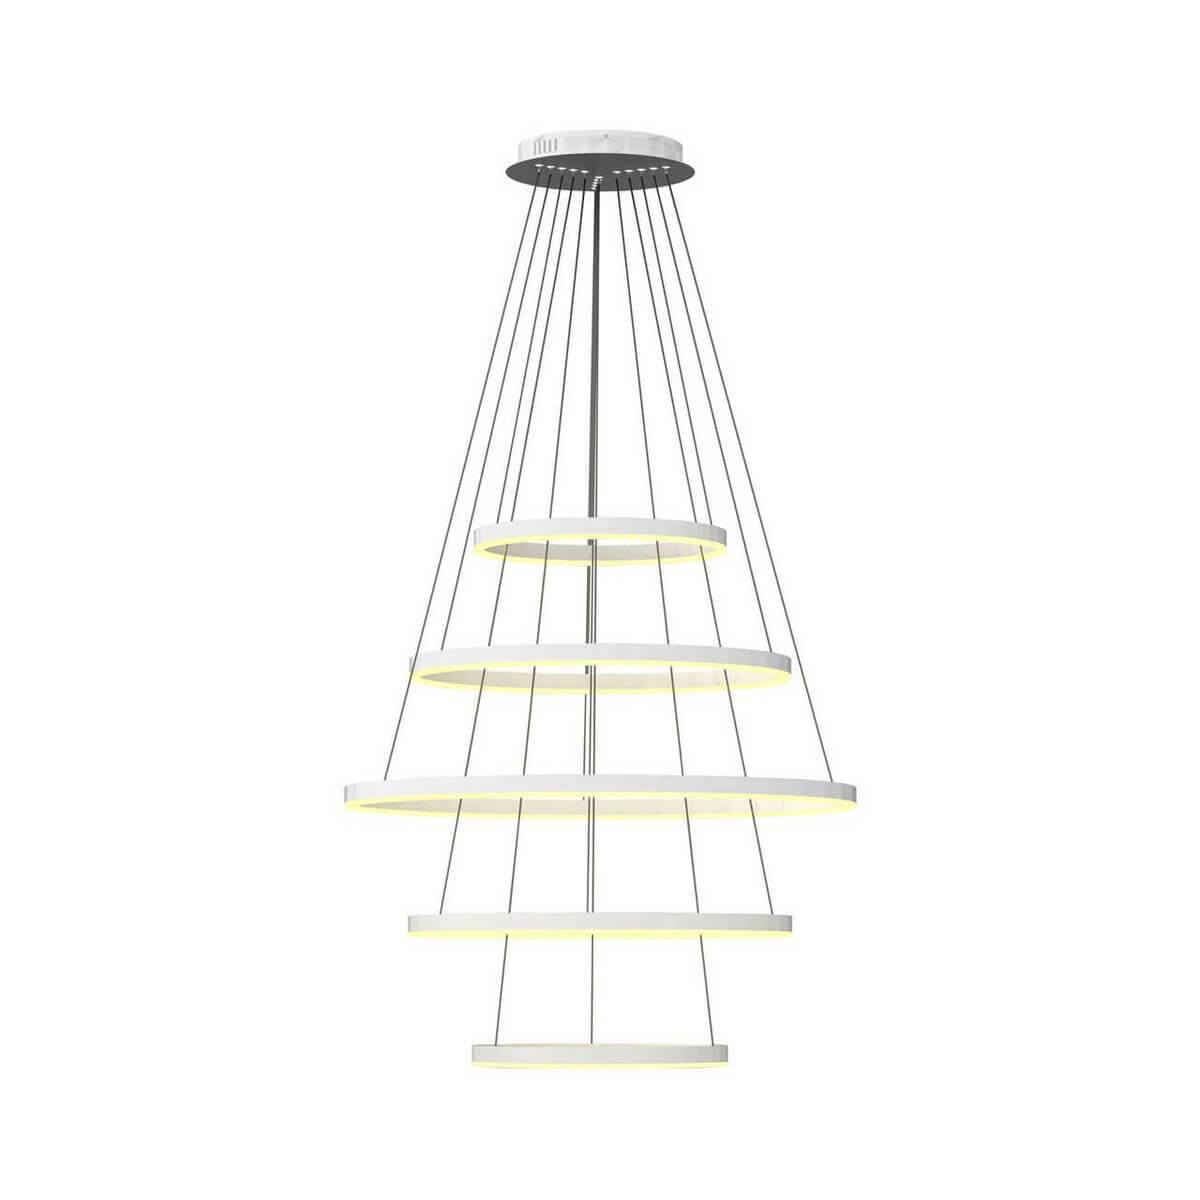 Подвесной светодиодный светильник Kink Light Тор 08535,01 kink light подвесной светильник kink light тор 08220 01